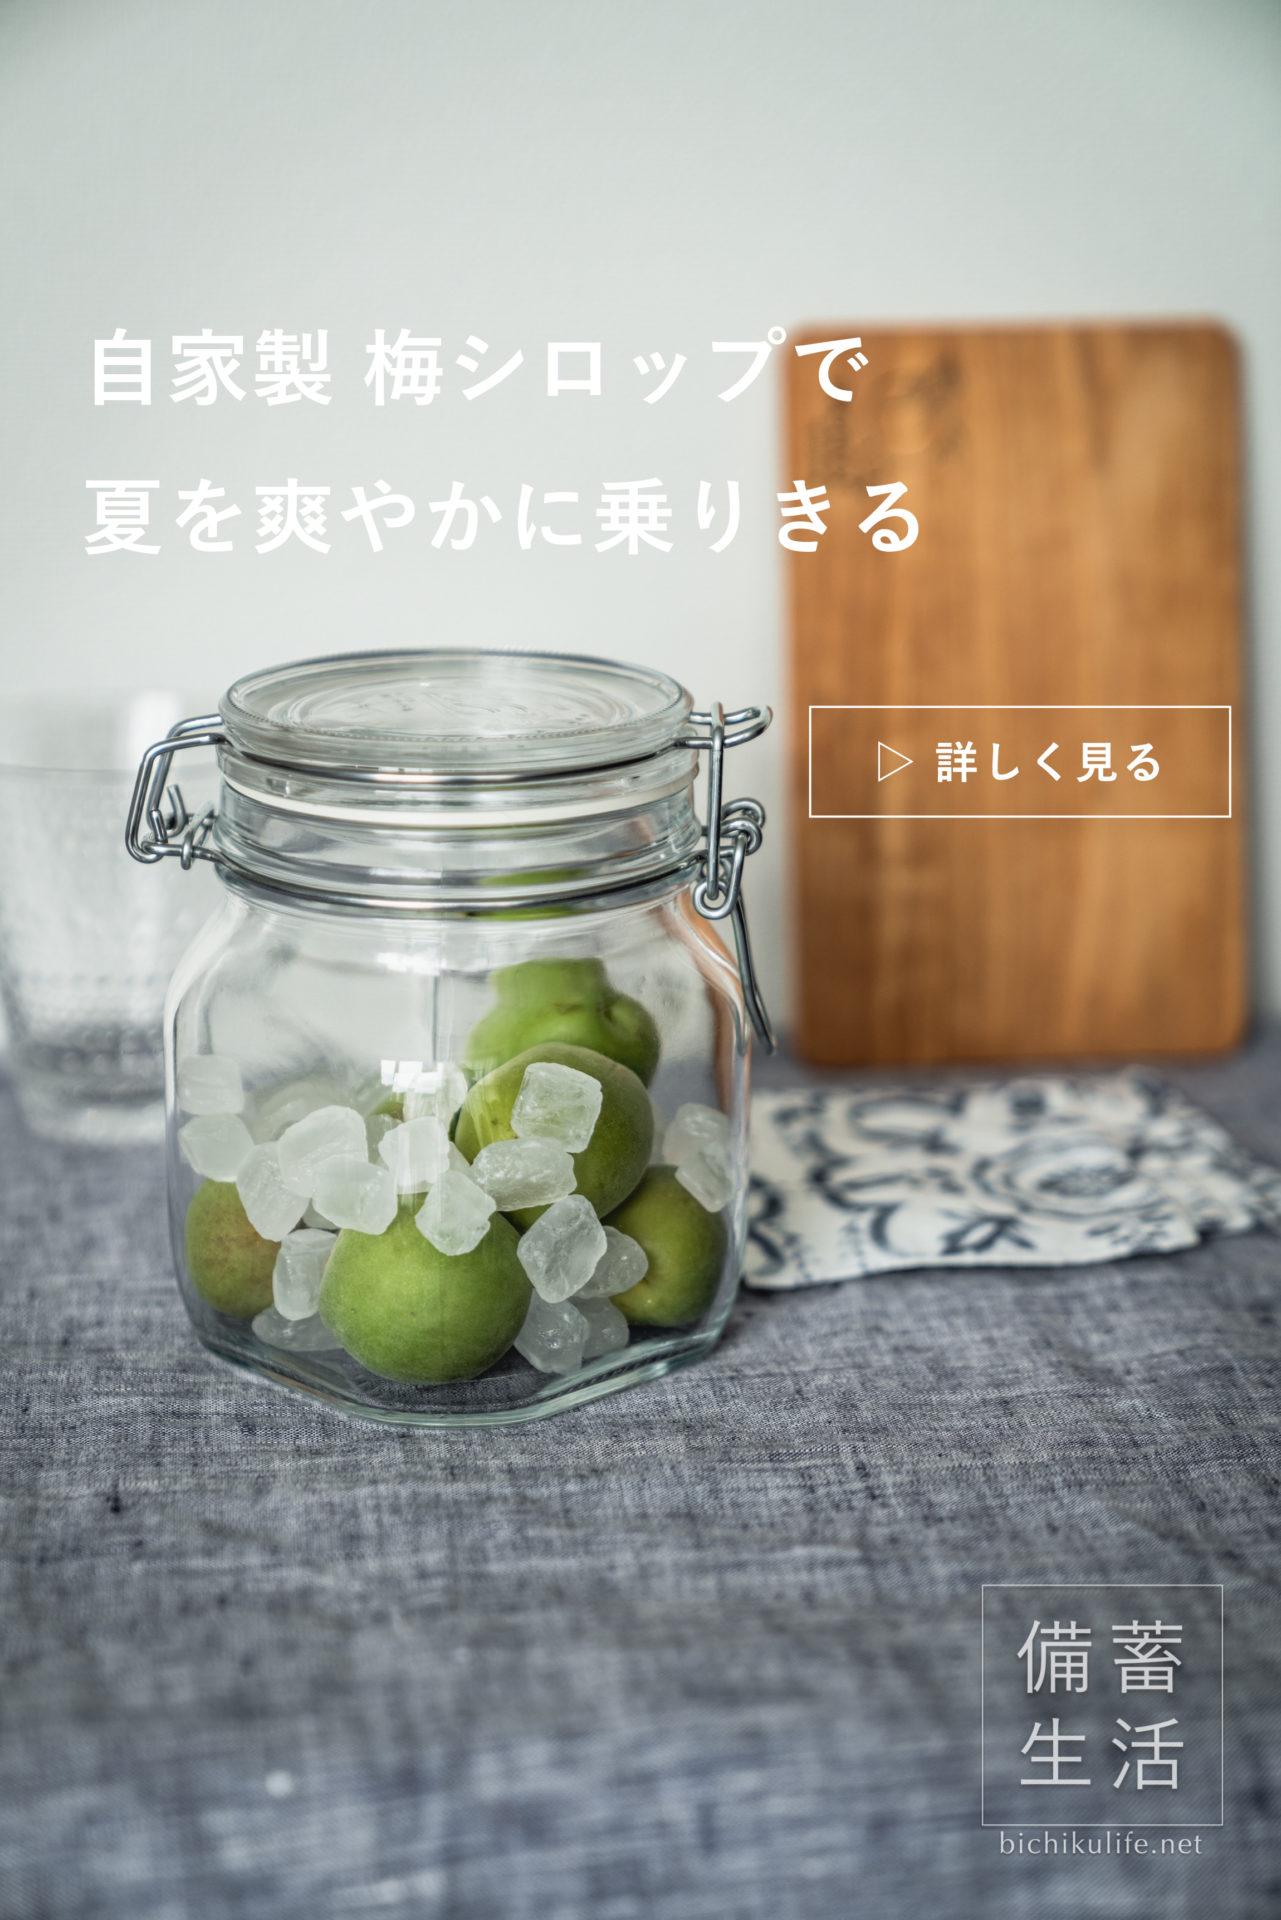 梅シロップづくり 自家製梅シロップを作るアイデア